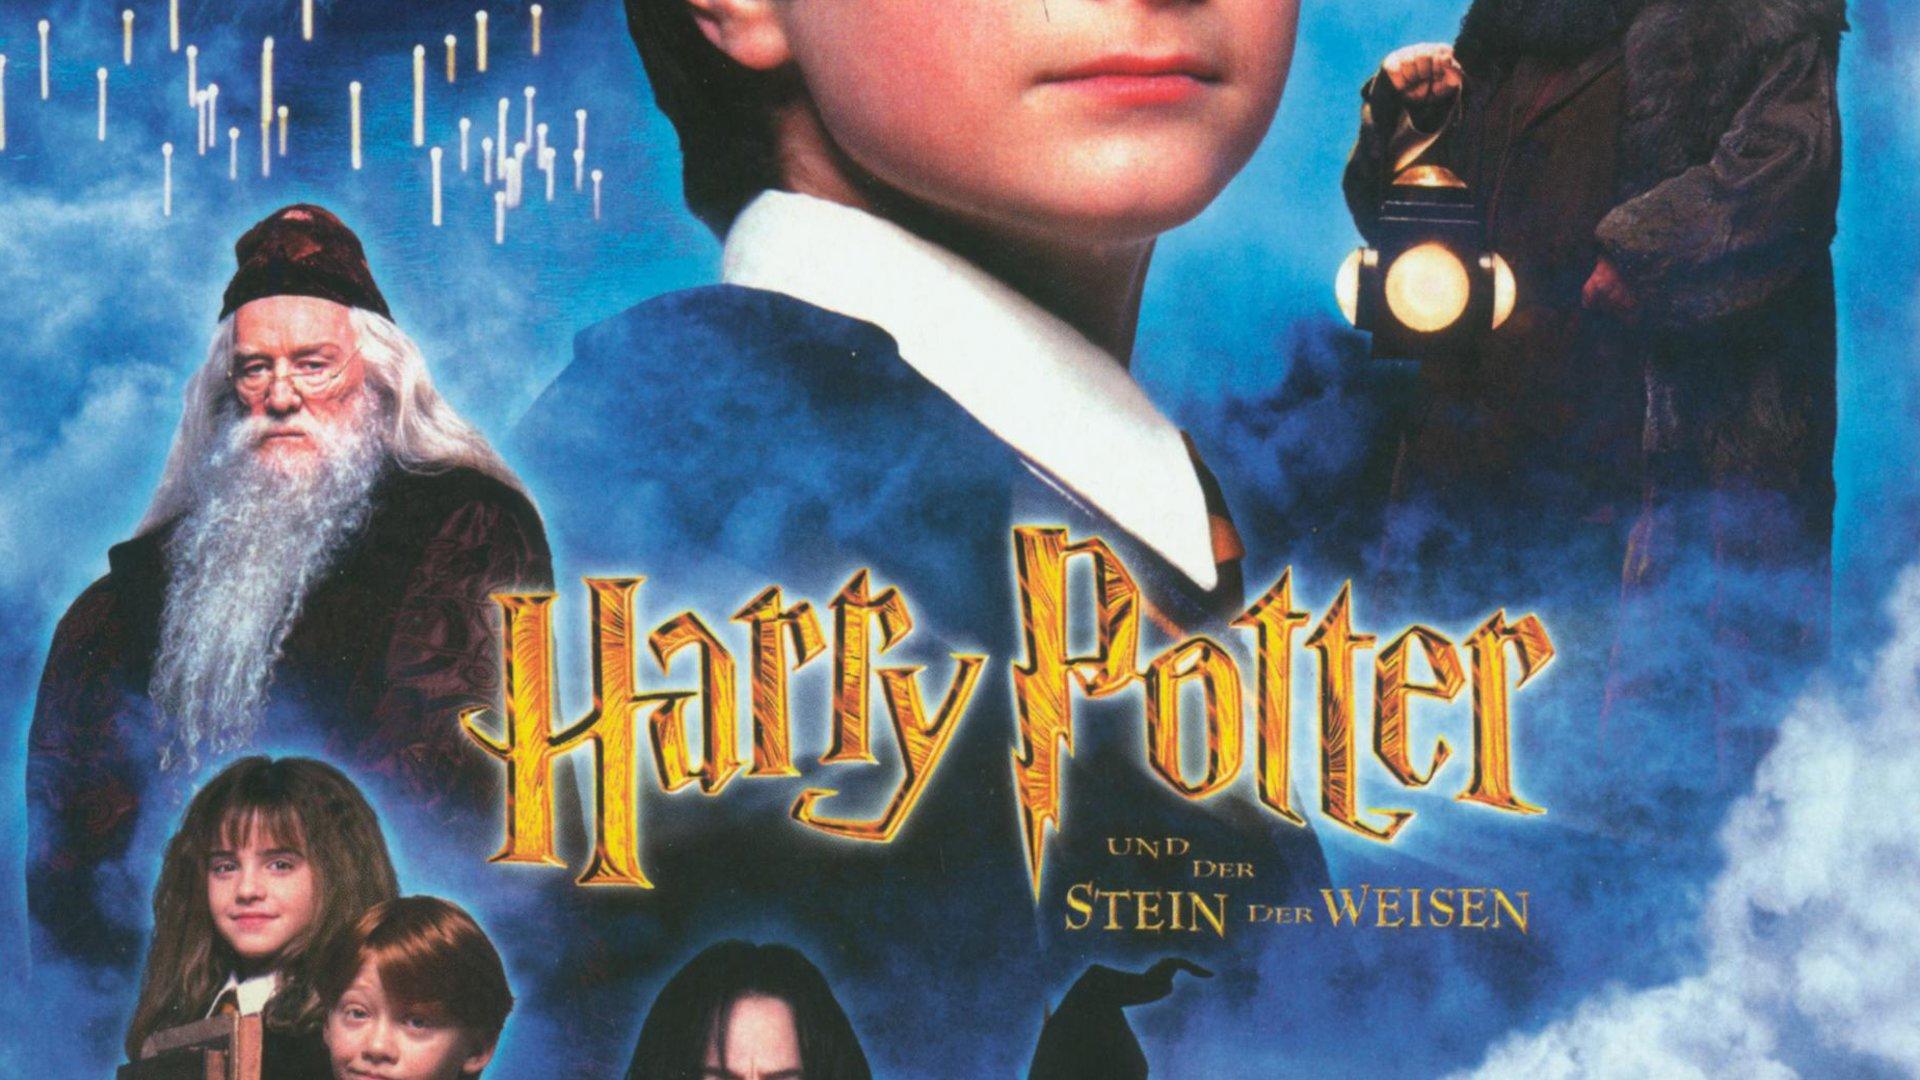 6 Bizarre Vorfalle Die Sich Wahrend Des Drehs Der Harry Potter Filme Zutrugen Kino De